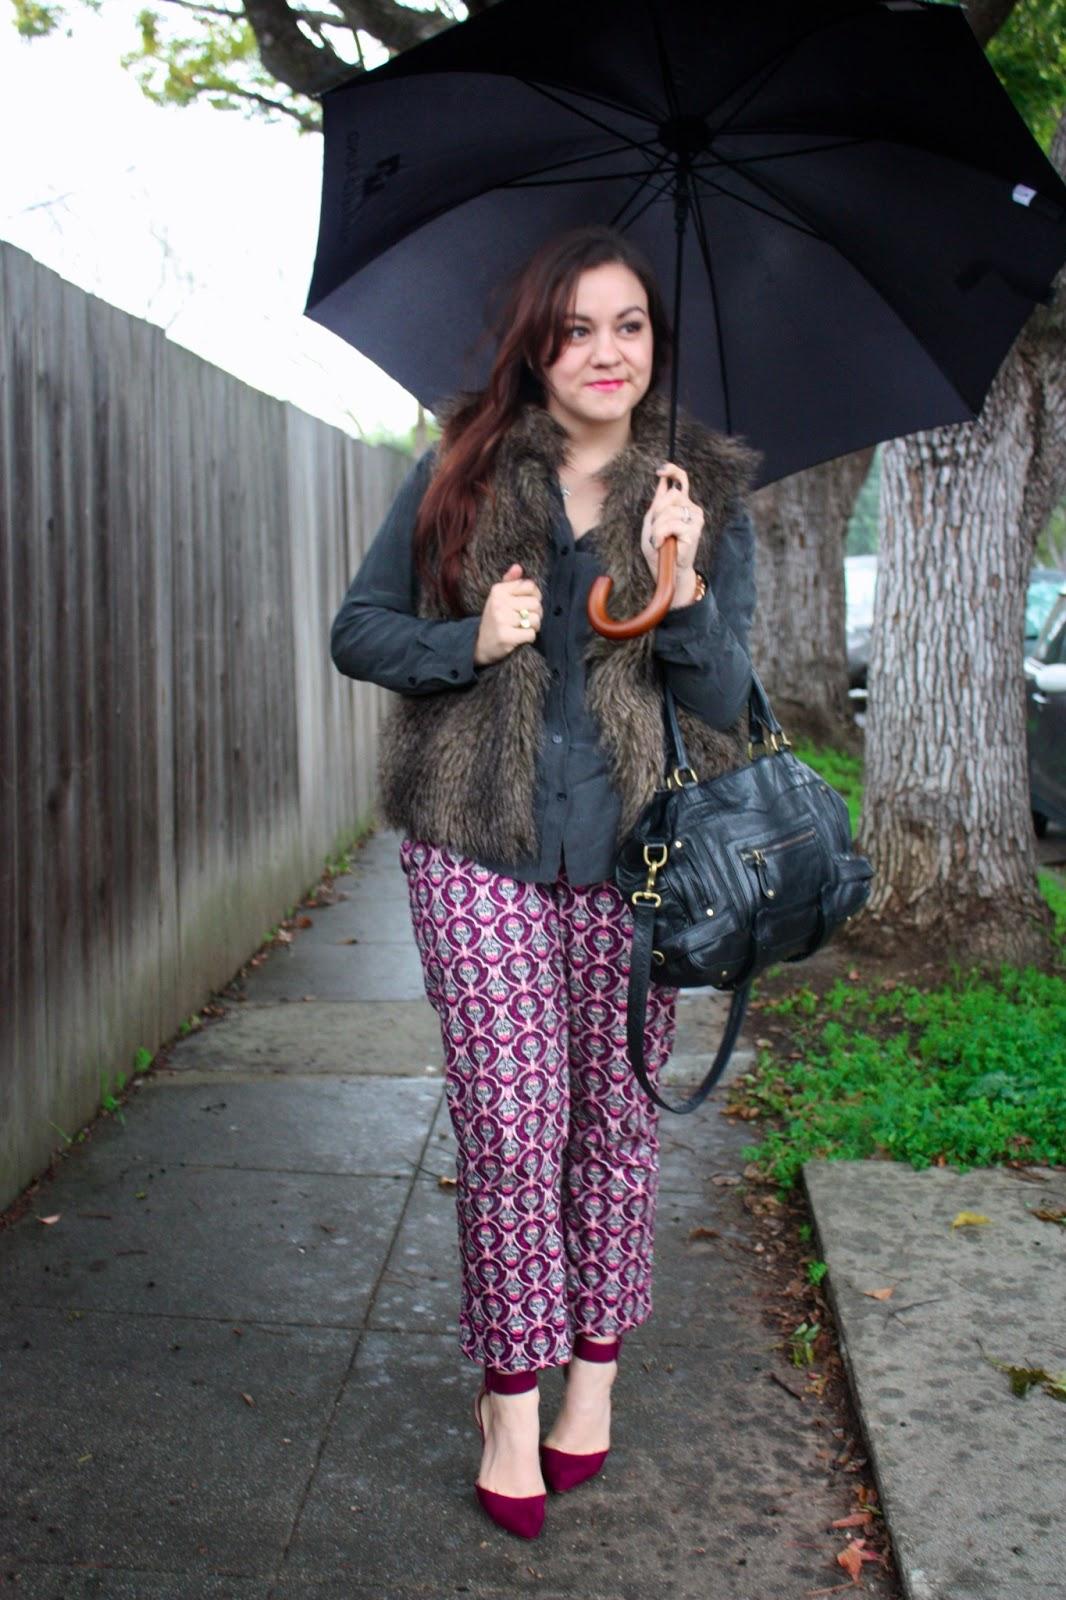 Caught In Rain Without Umbrella Essay